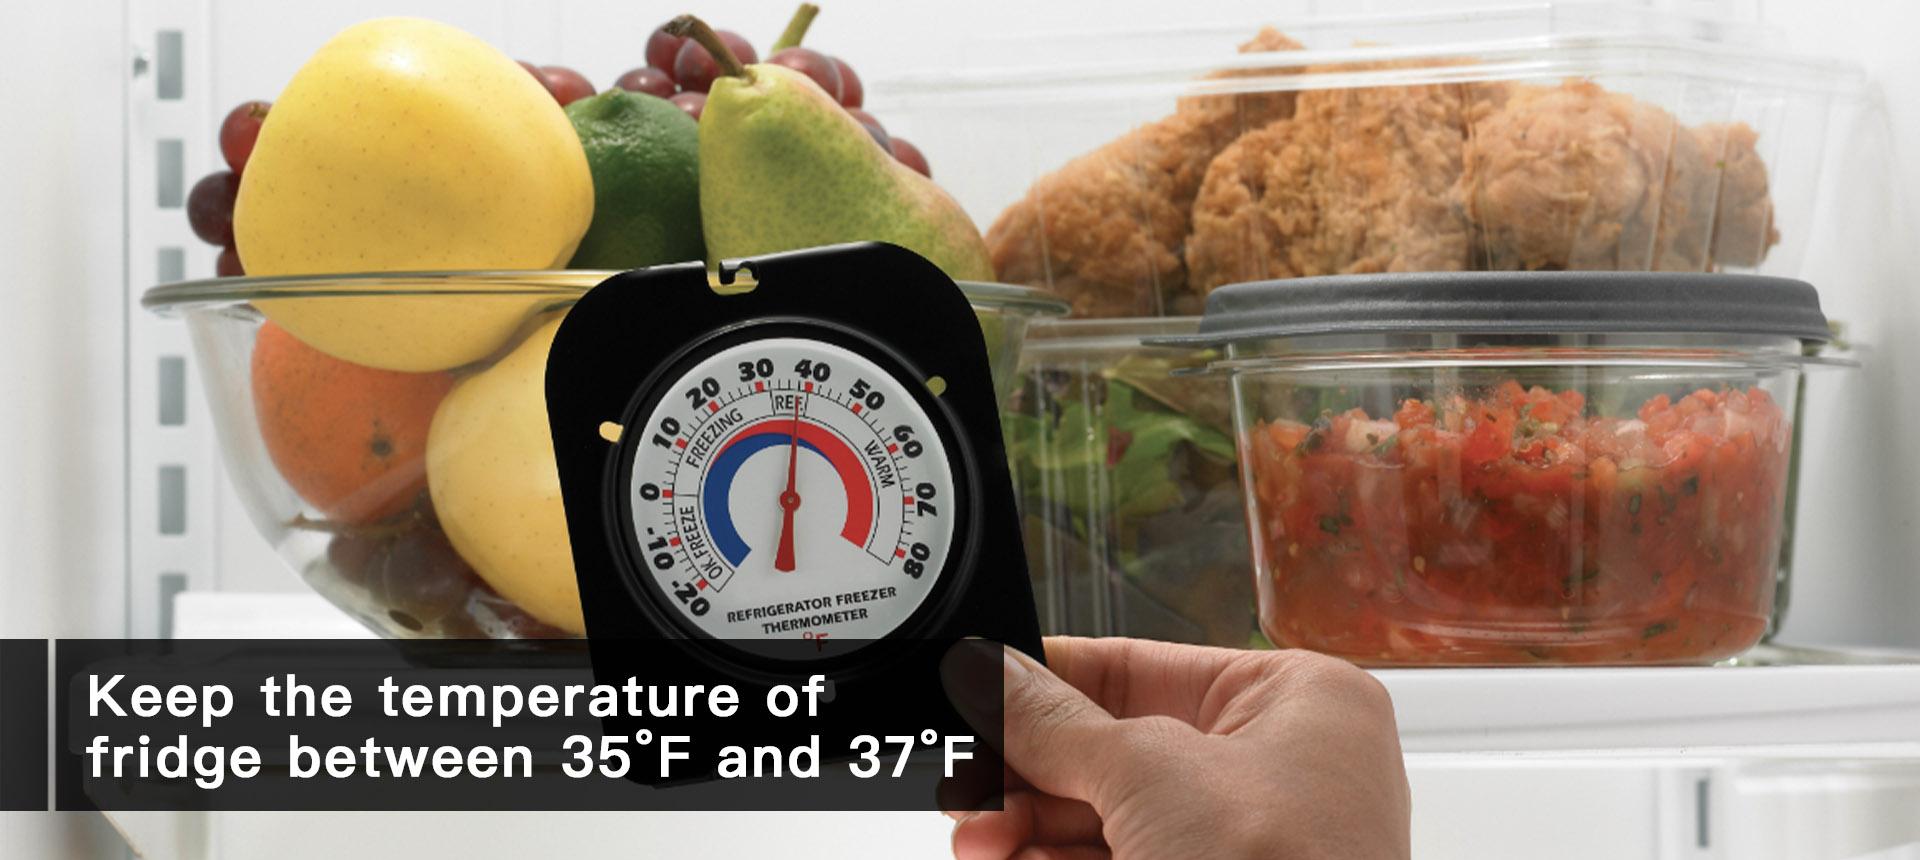 lower the temperature of fridge